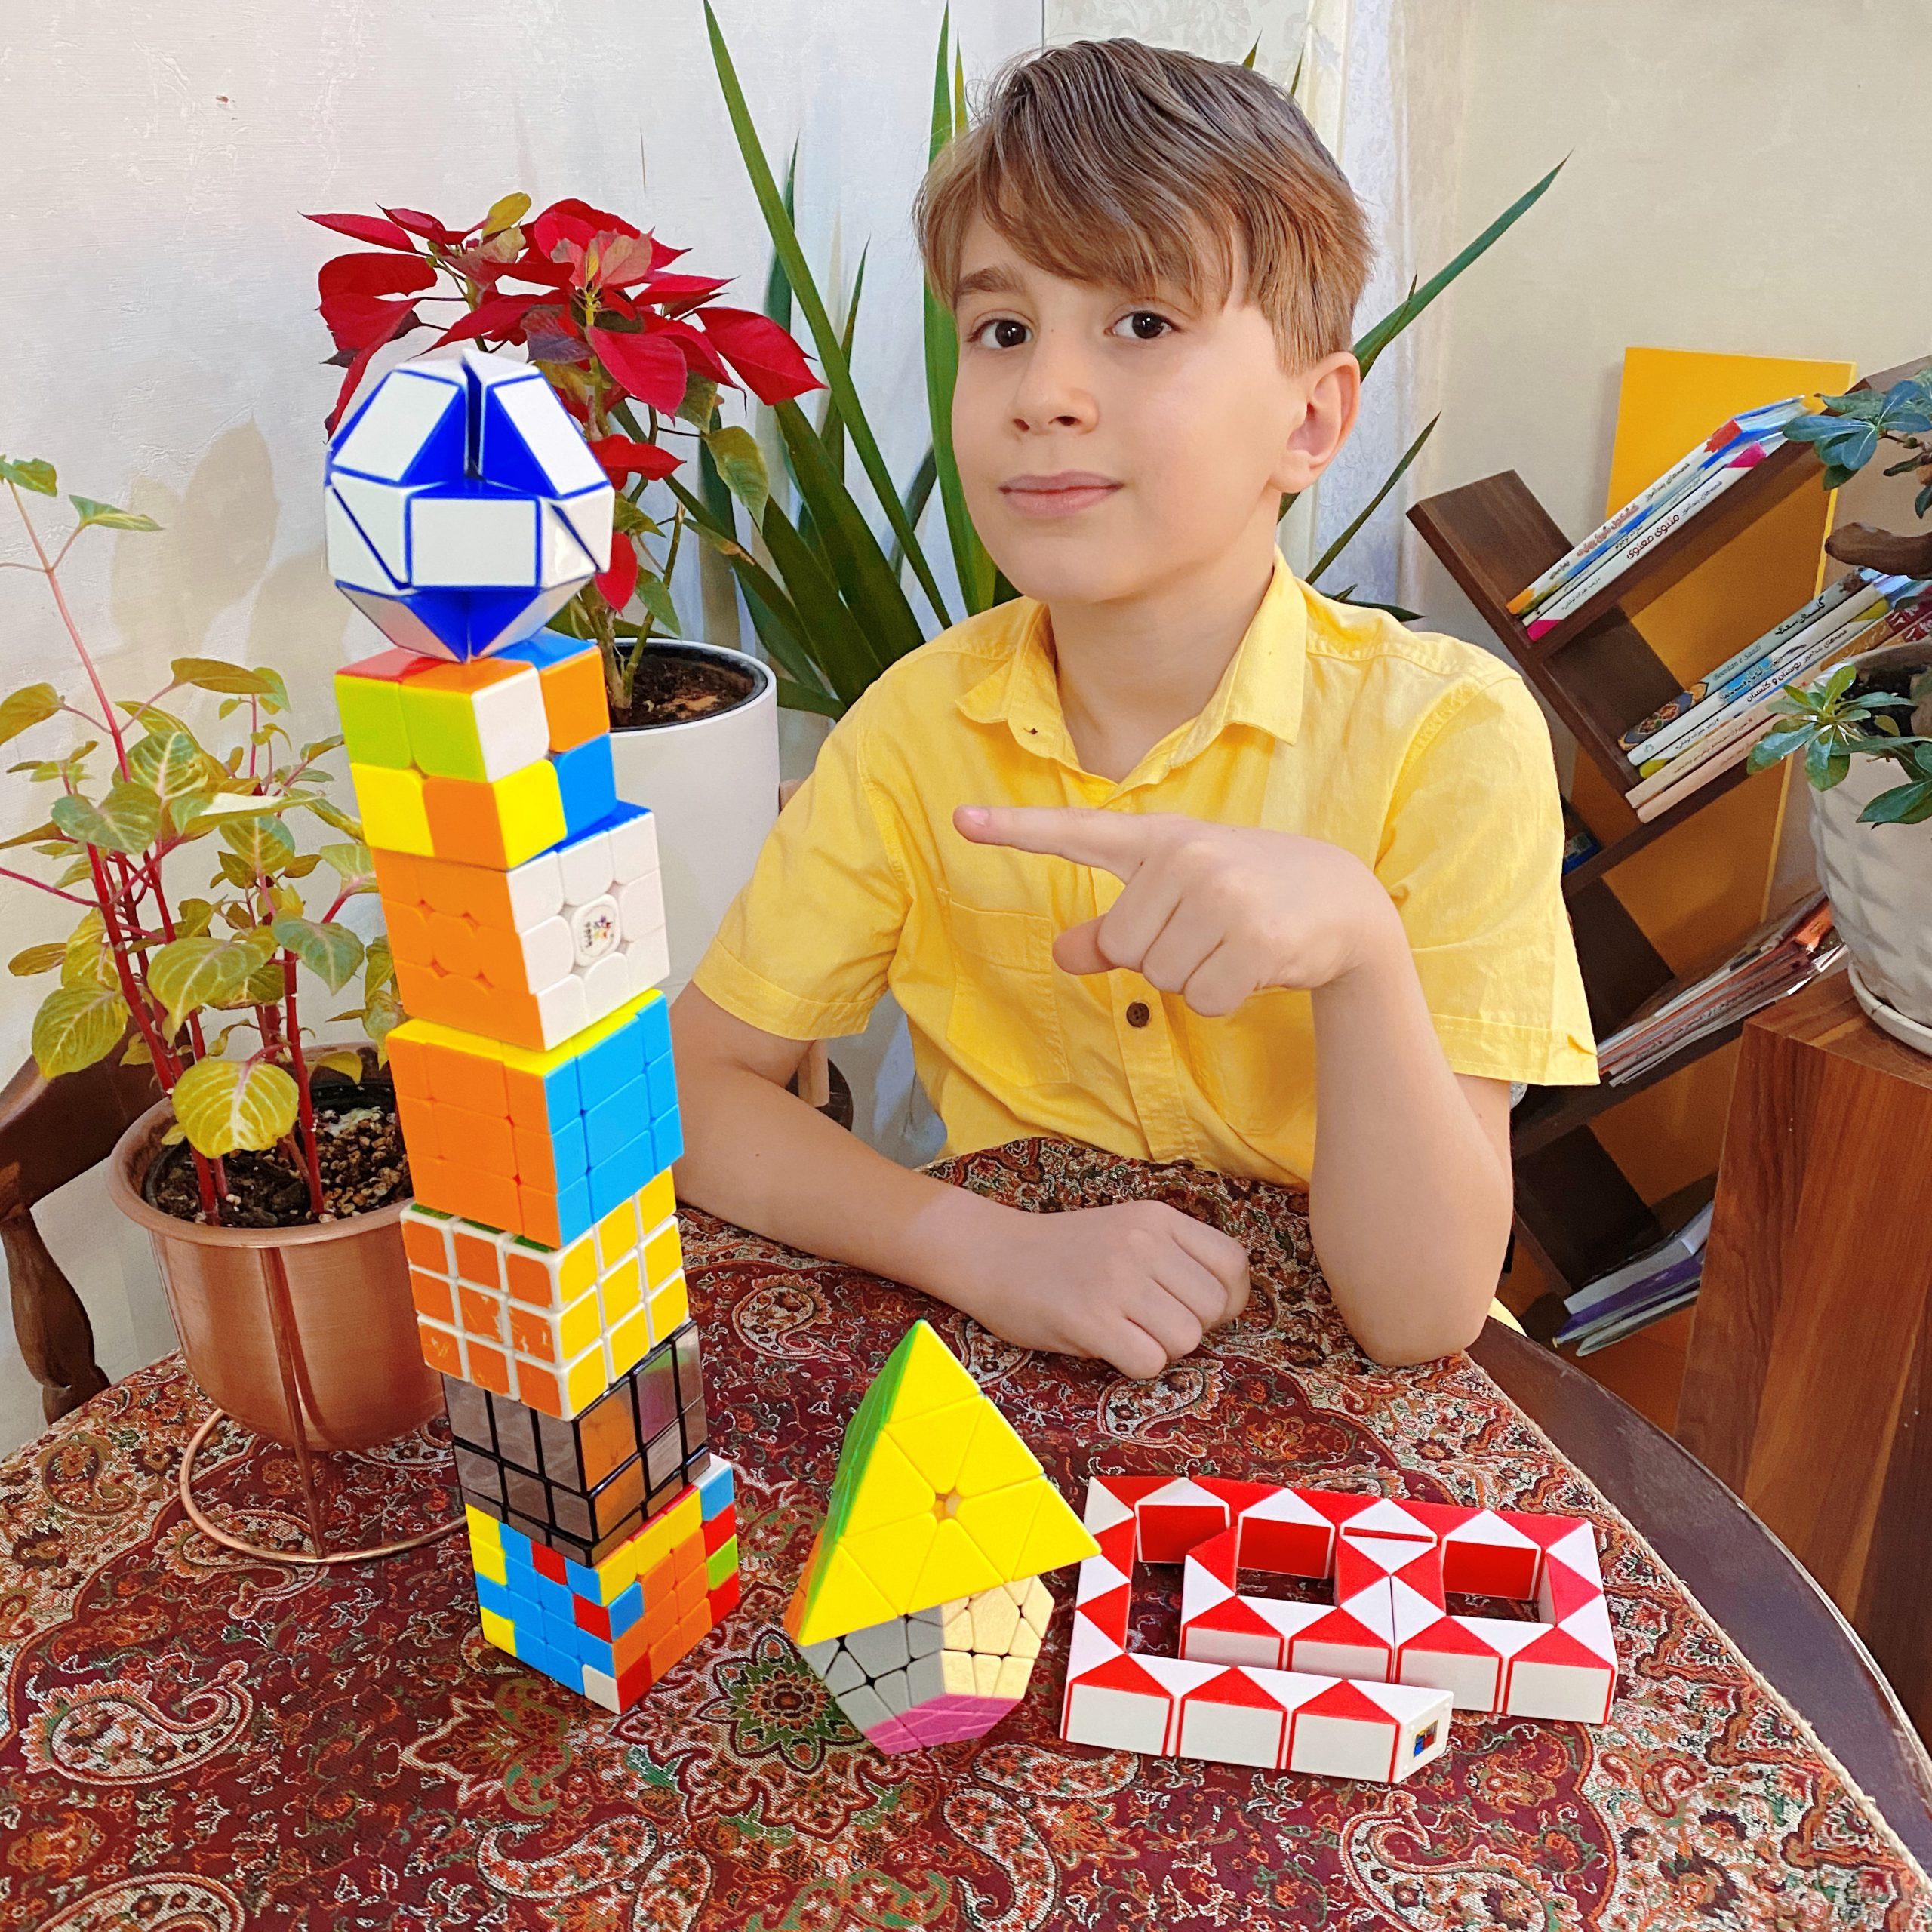 سپهرمحمدی هنر اوریگامی